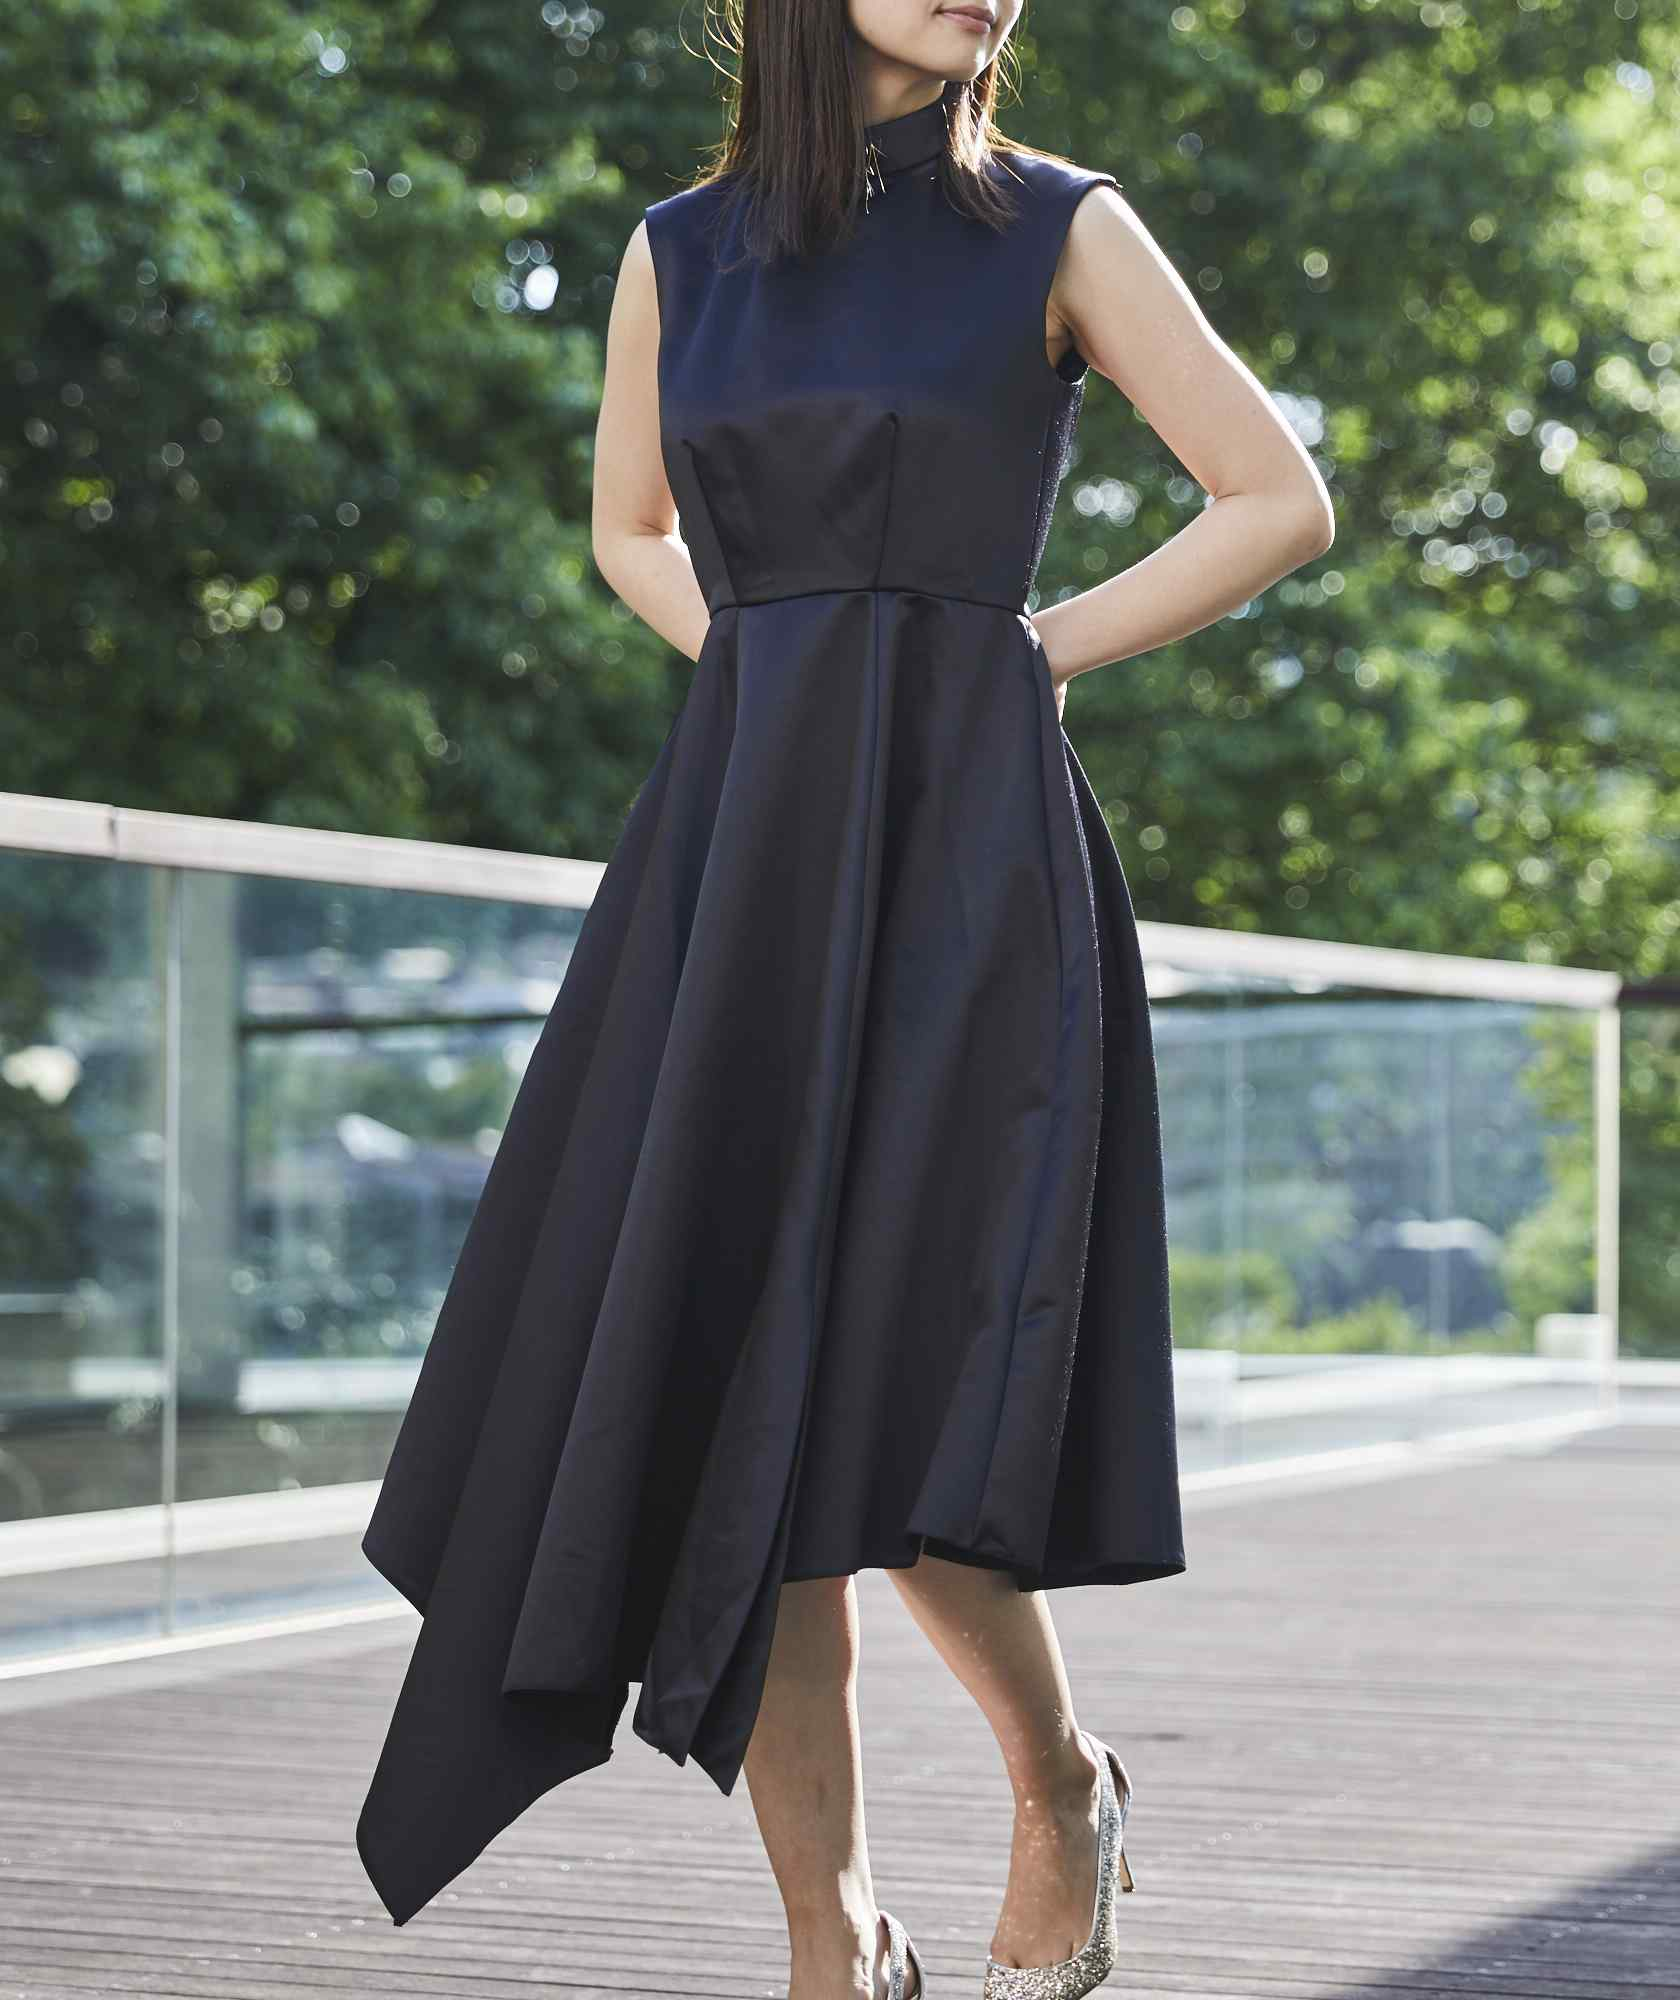 シャイニーハイネックオープンバックミディアムドレス-ブラック-S-M